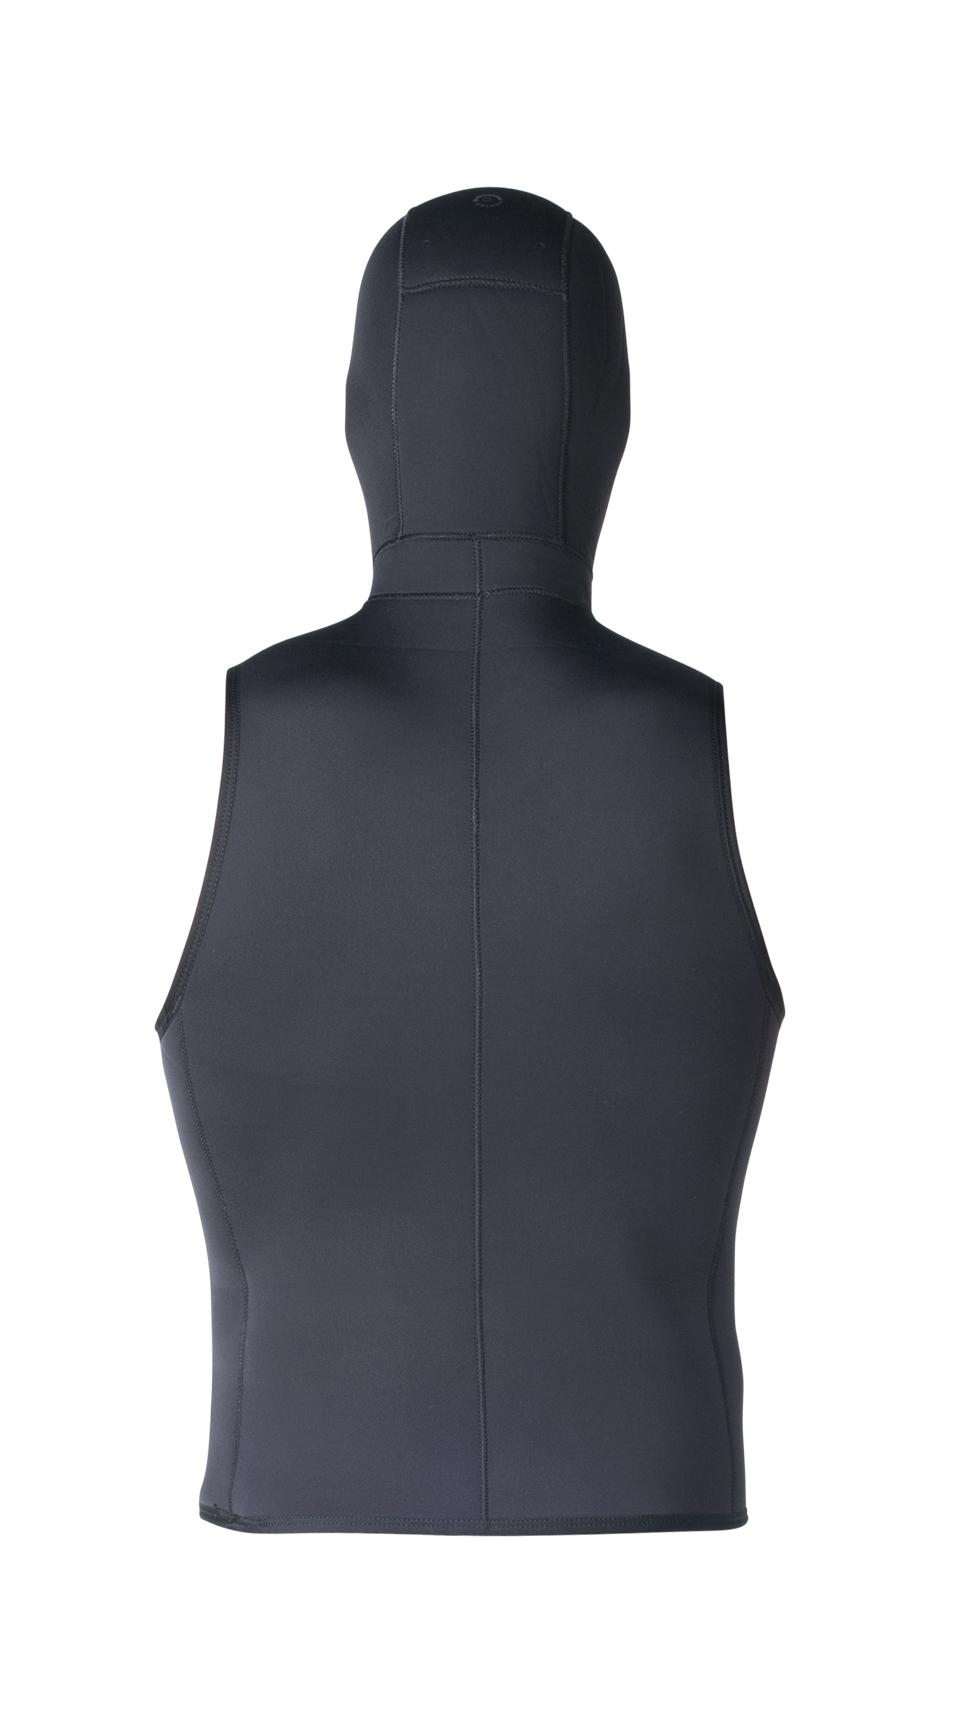 Xcel Hooded Vest 6/5mm men